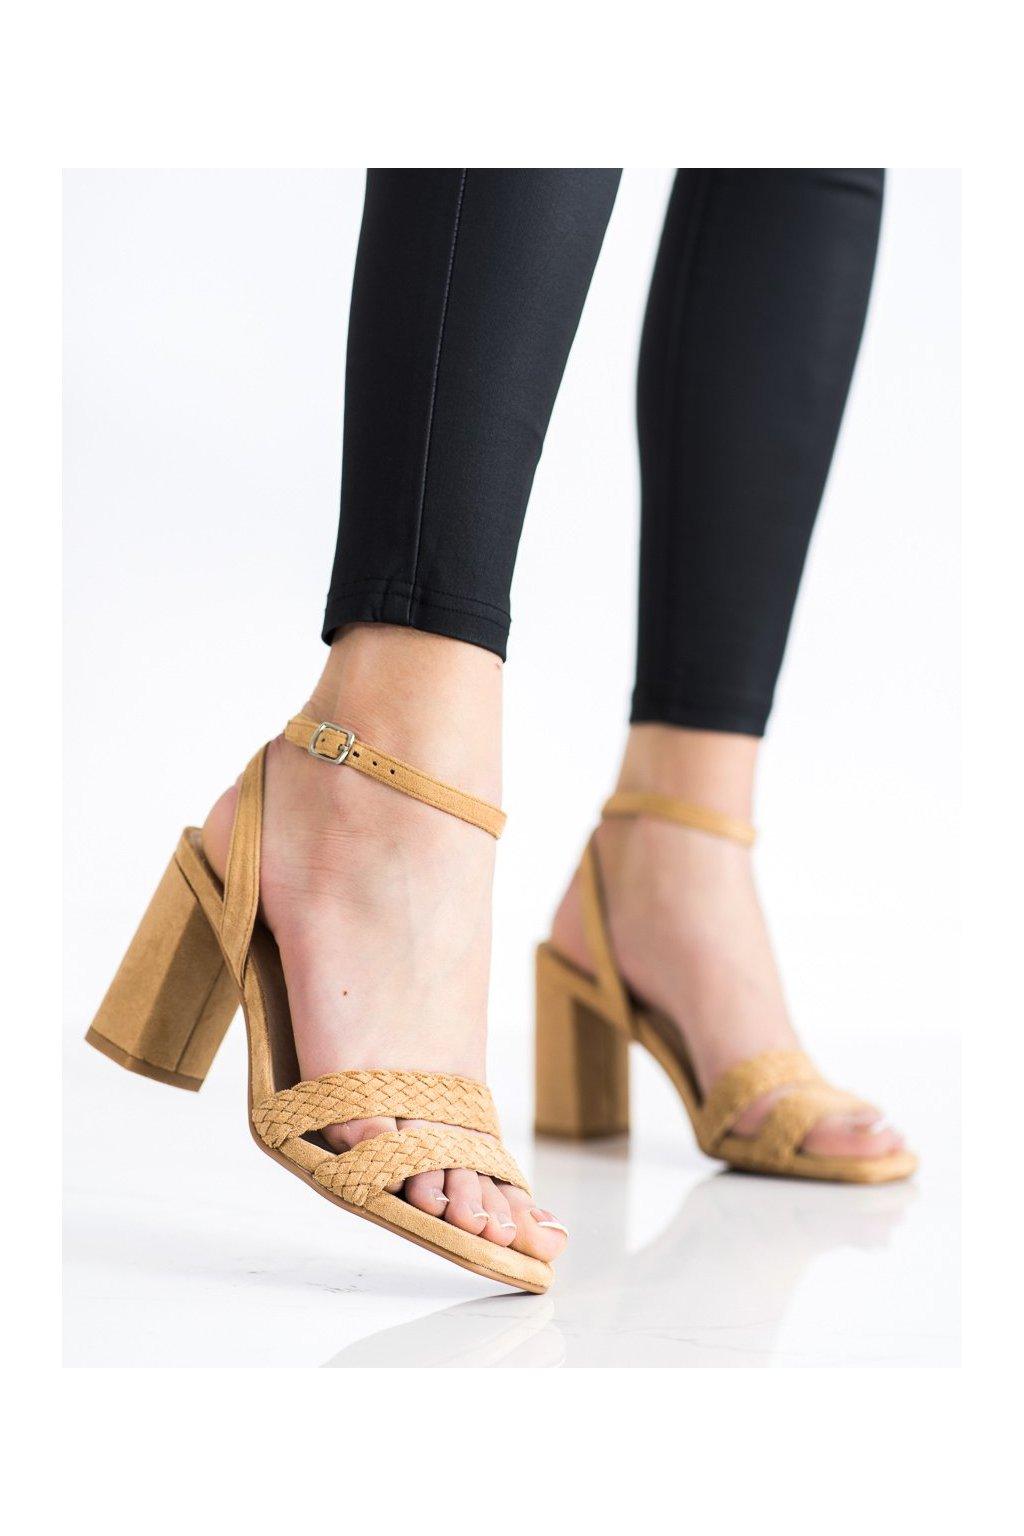 Hnedé dámske sandále Kylie kod K2012501T